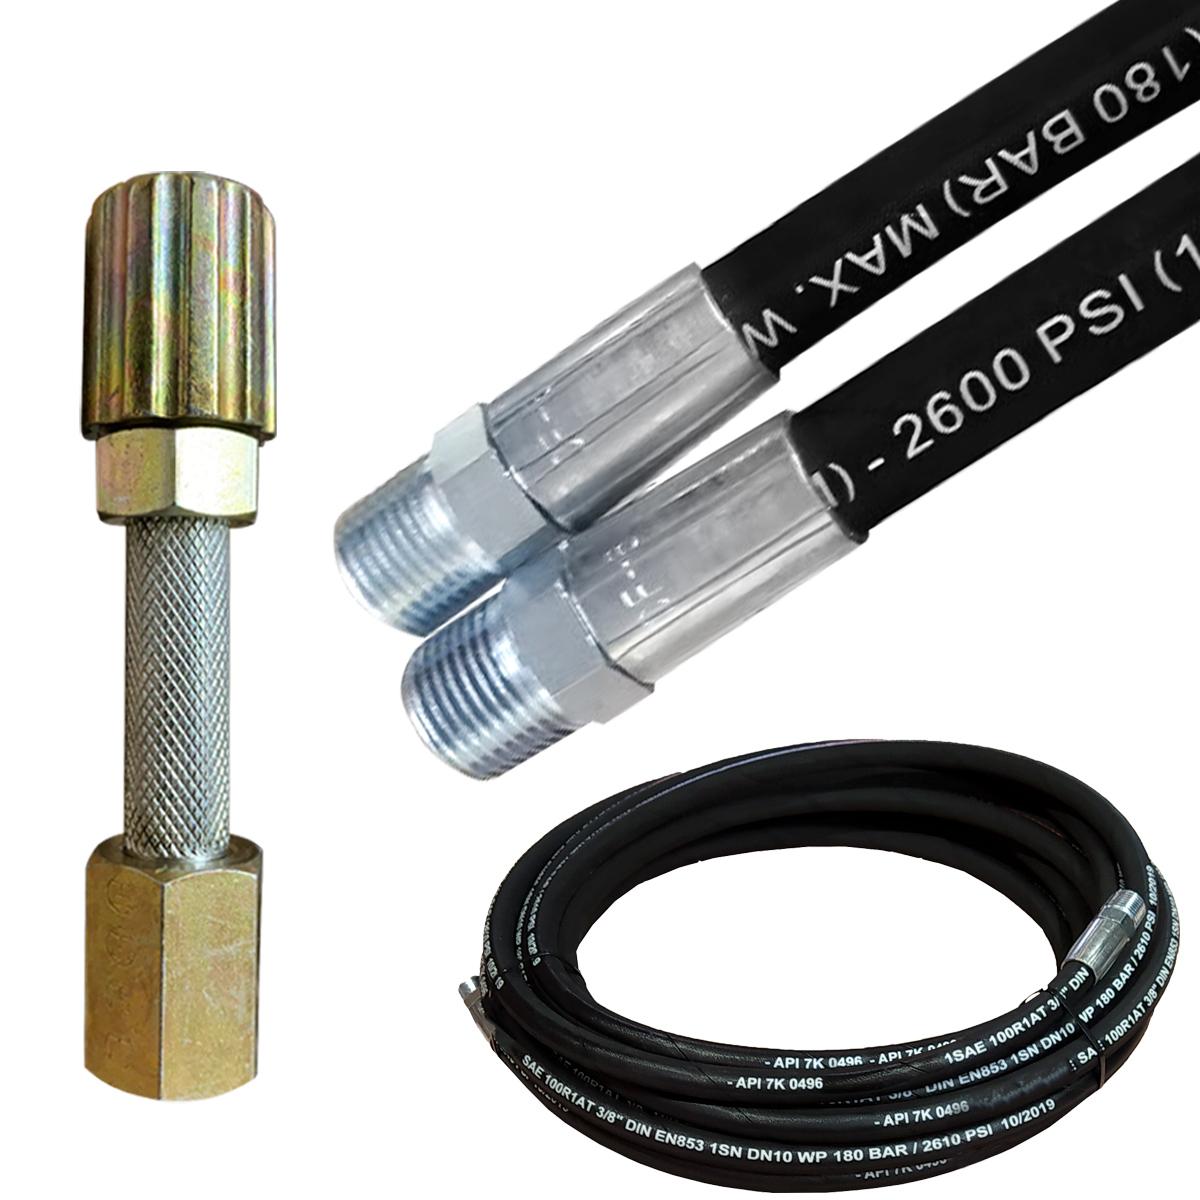 Mangueira de Auto Posto Lava Jato 3/8 Trama de Aço Super Flexível Com Esguicho Metal 3,2mm 10 Metros